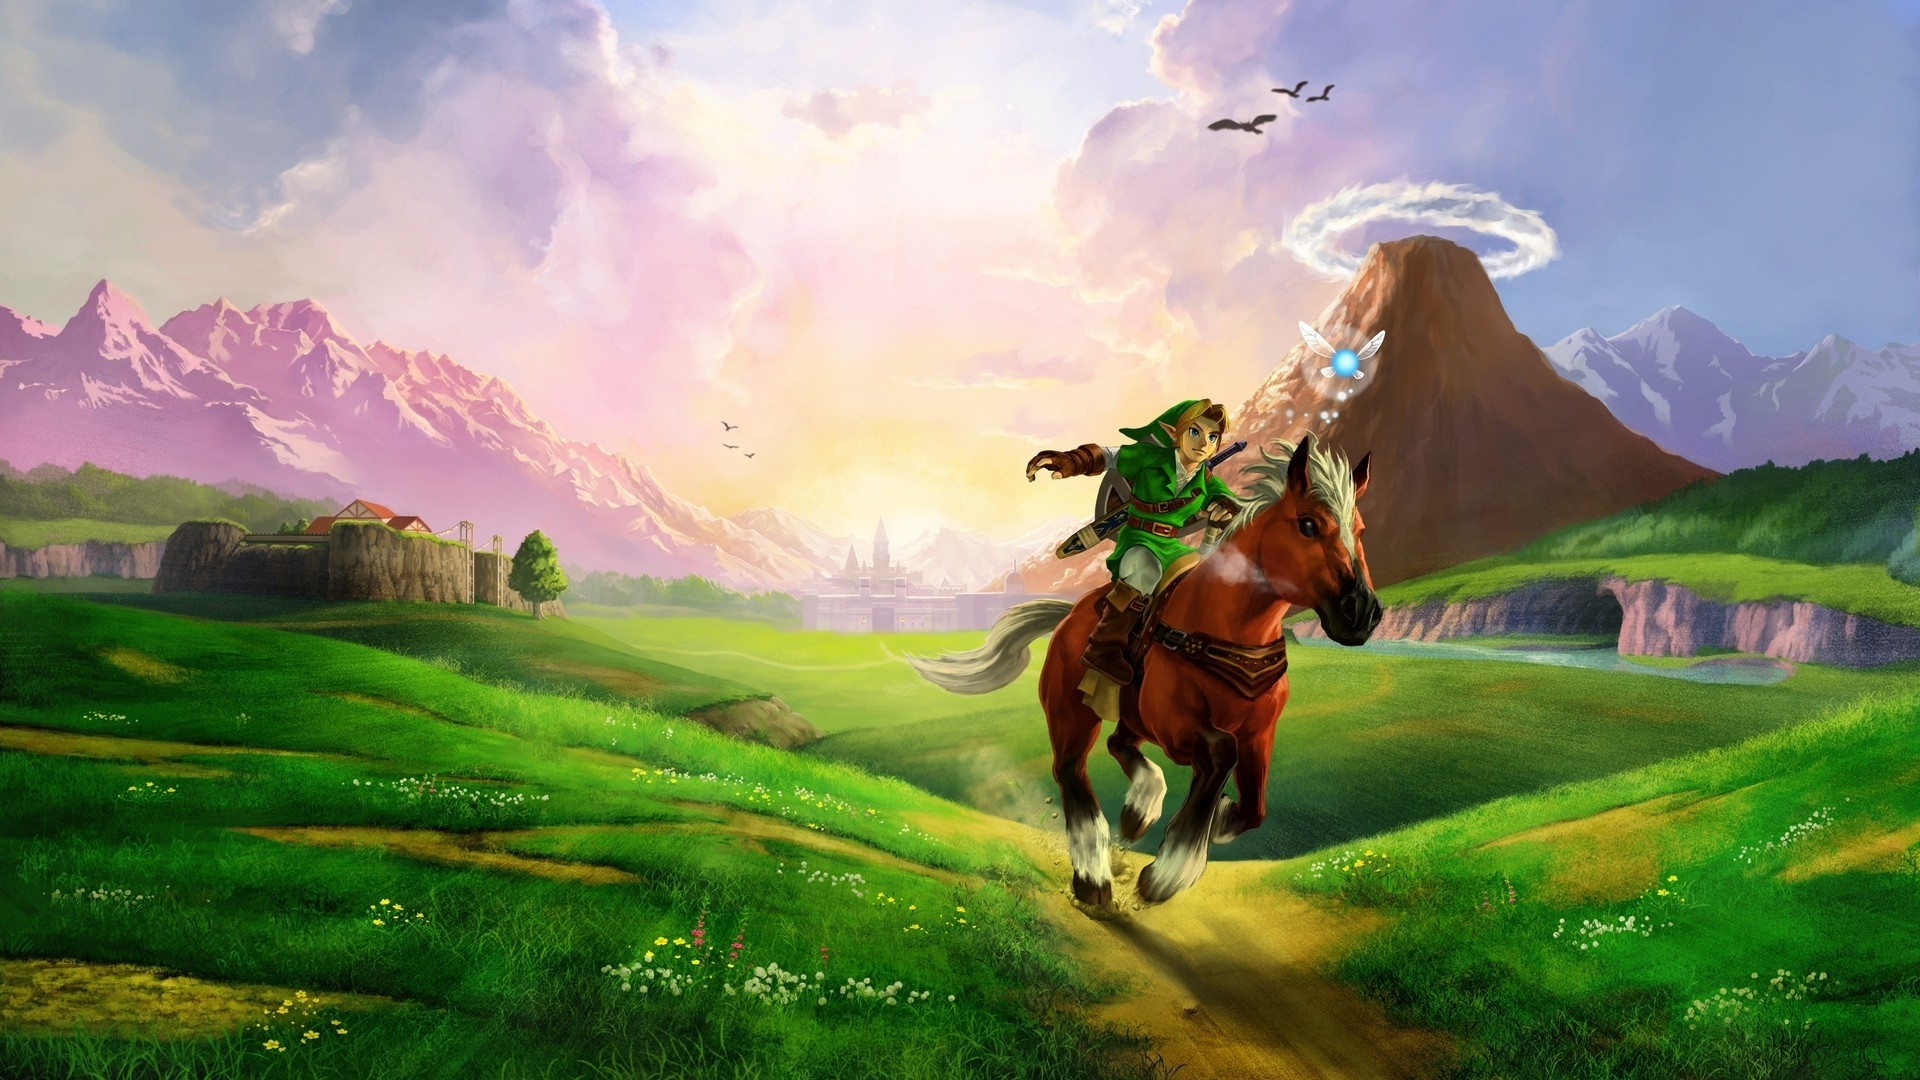 Legend Of Zelda Wallpapers Desktop